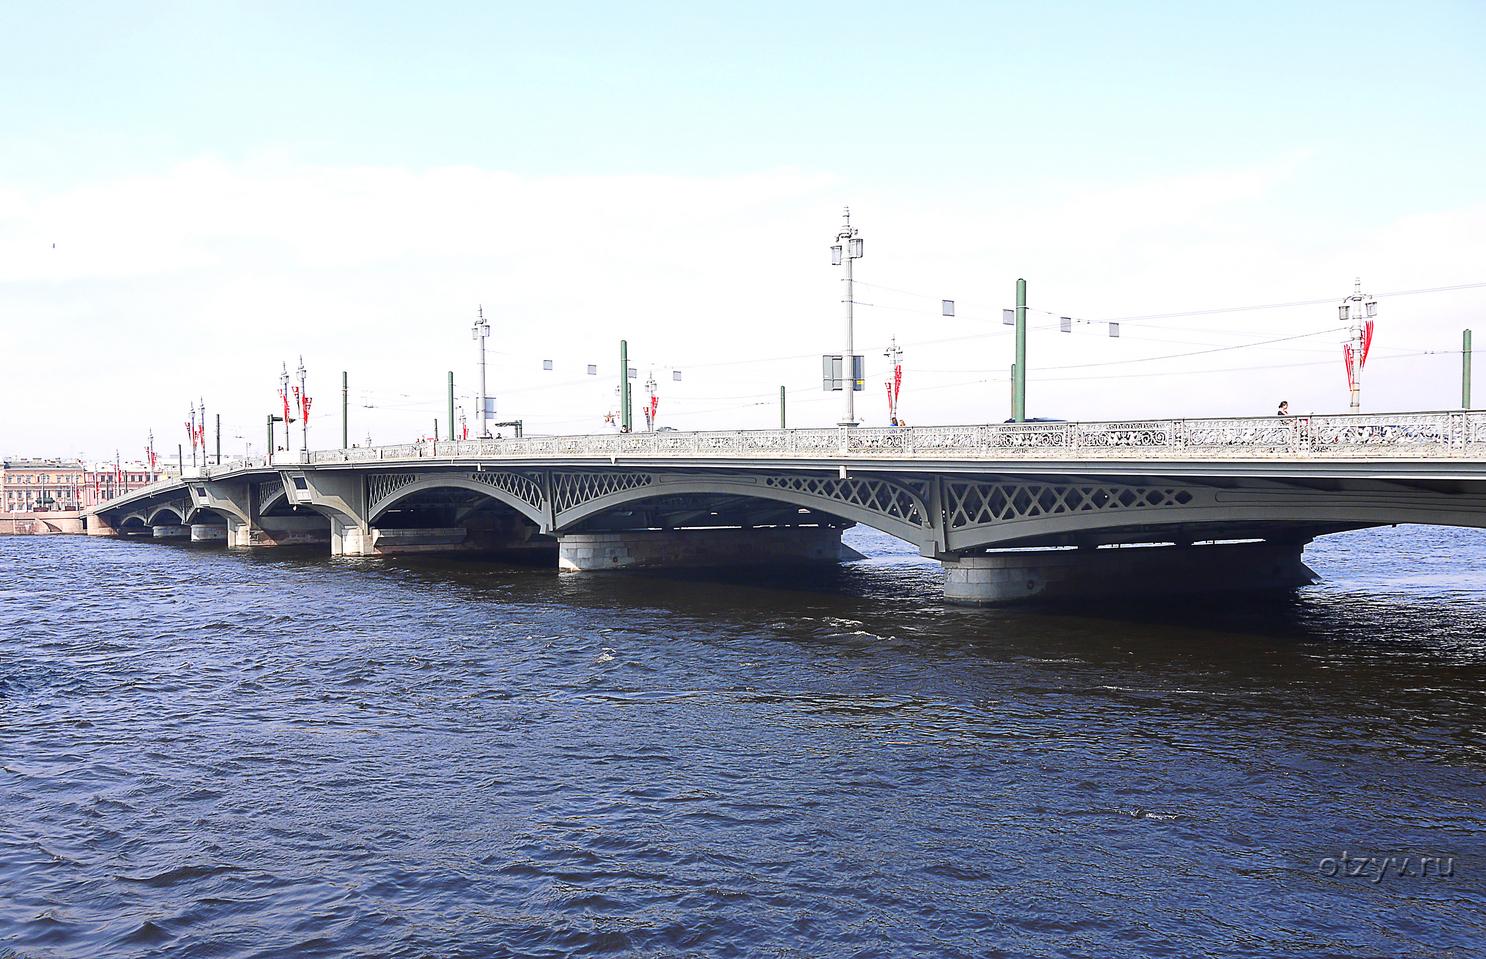 картинка лейтенанта шмидта мост идёт постепенно, спелый